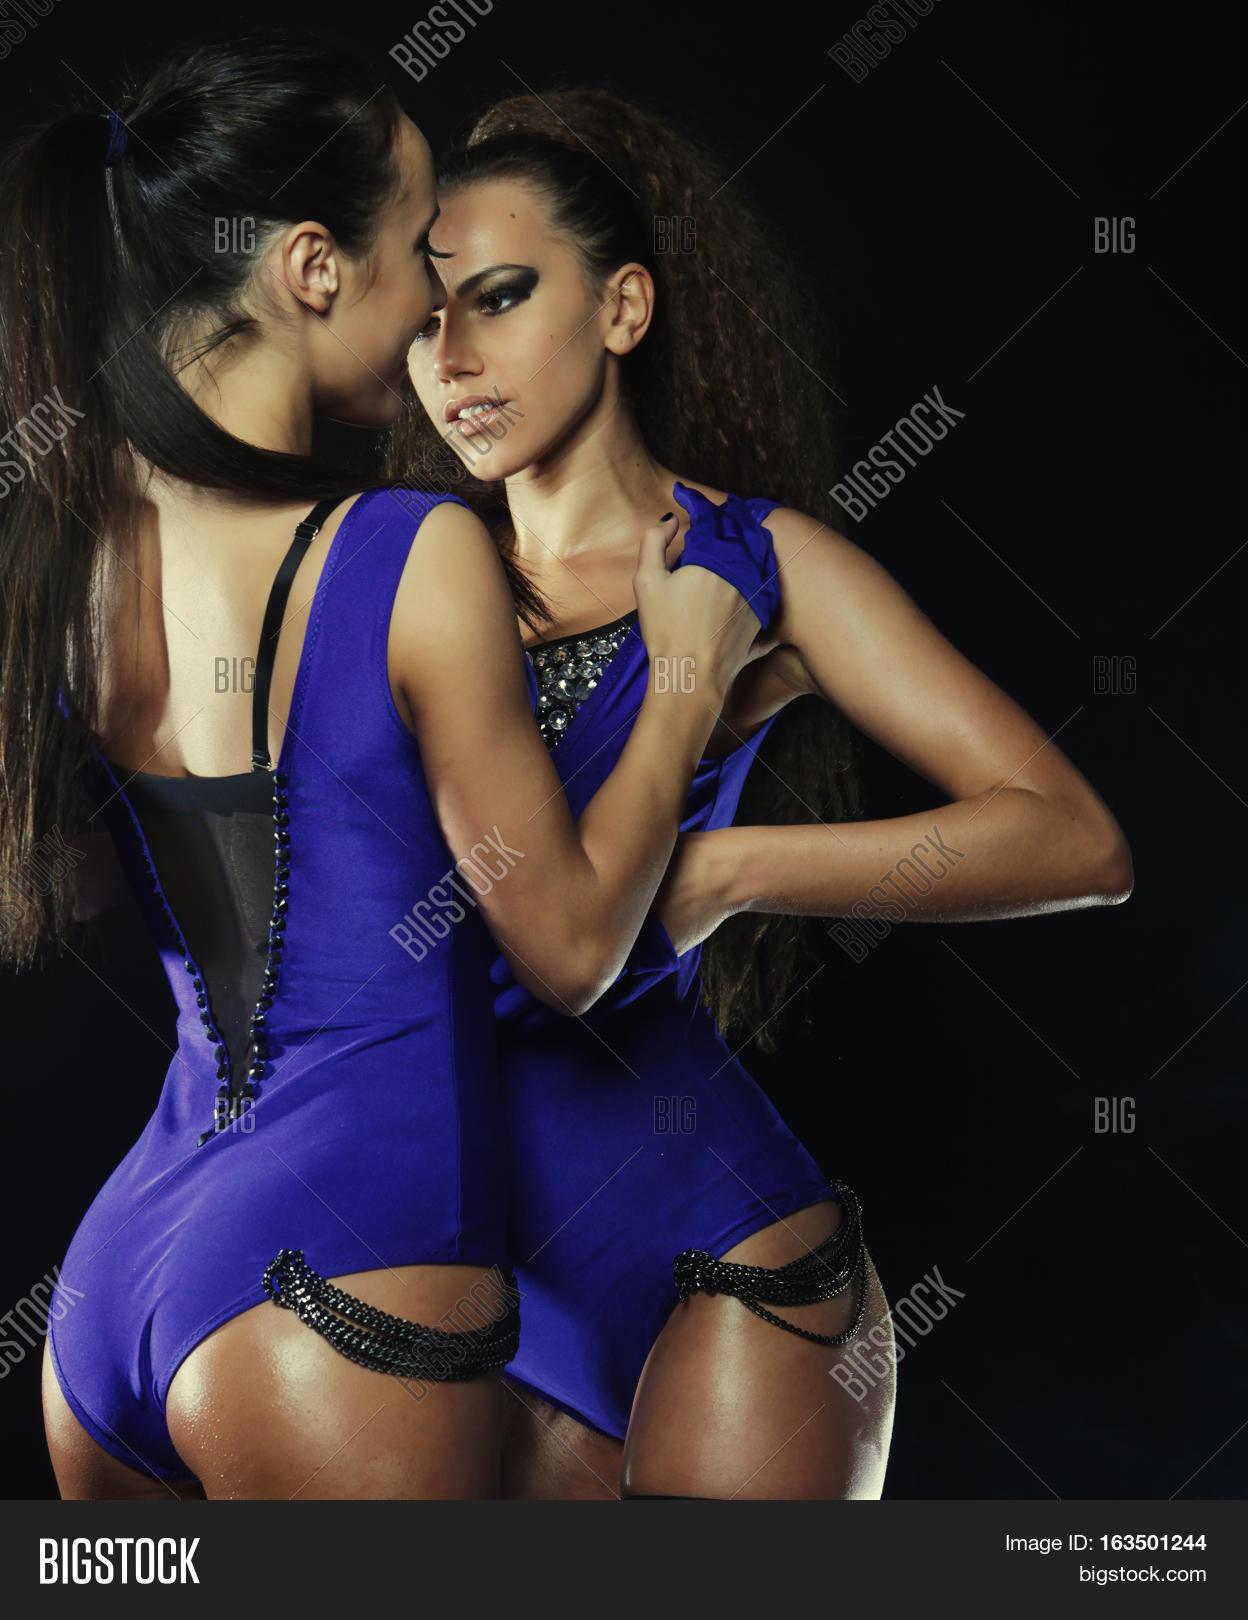 Sexy ladies go go